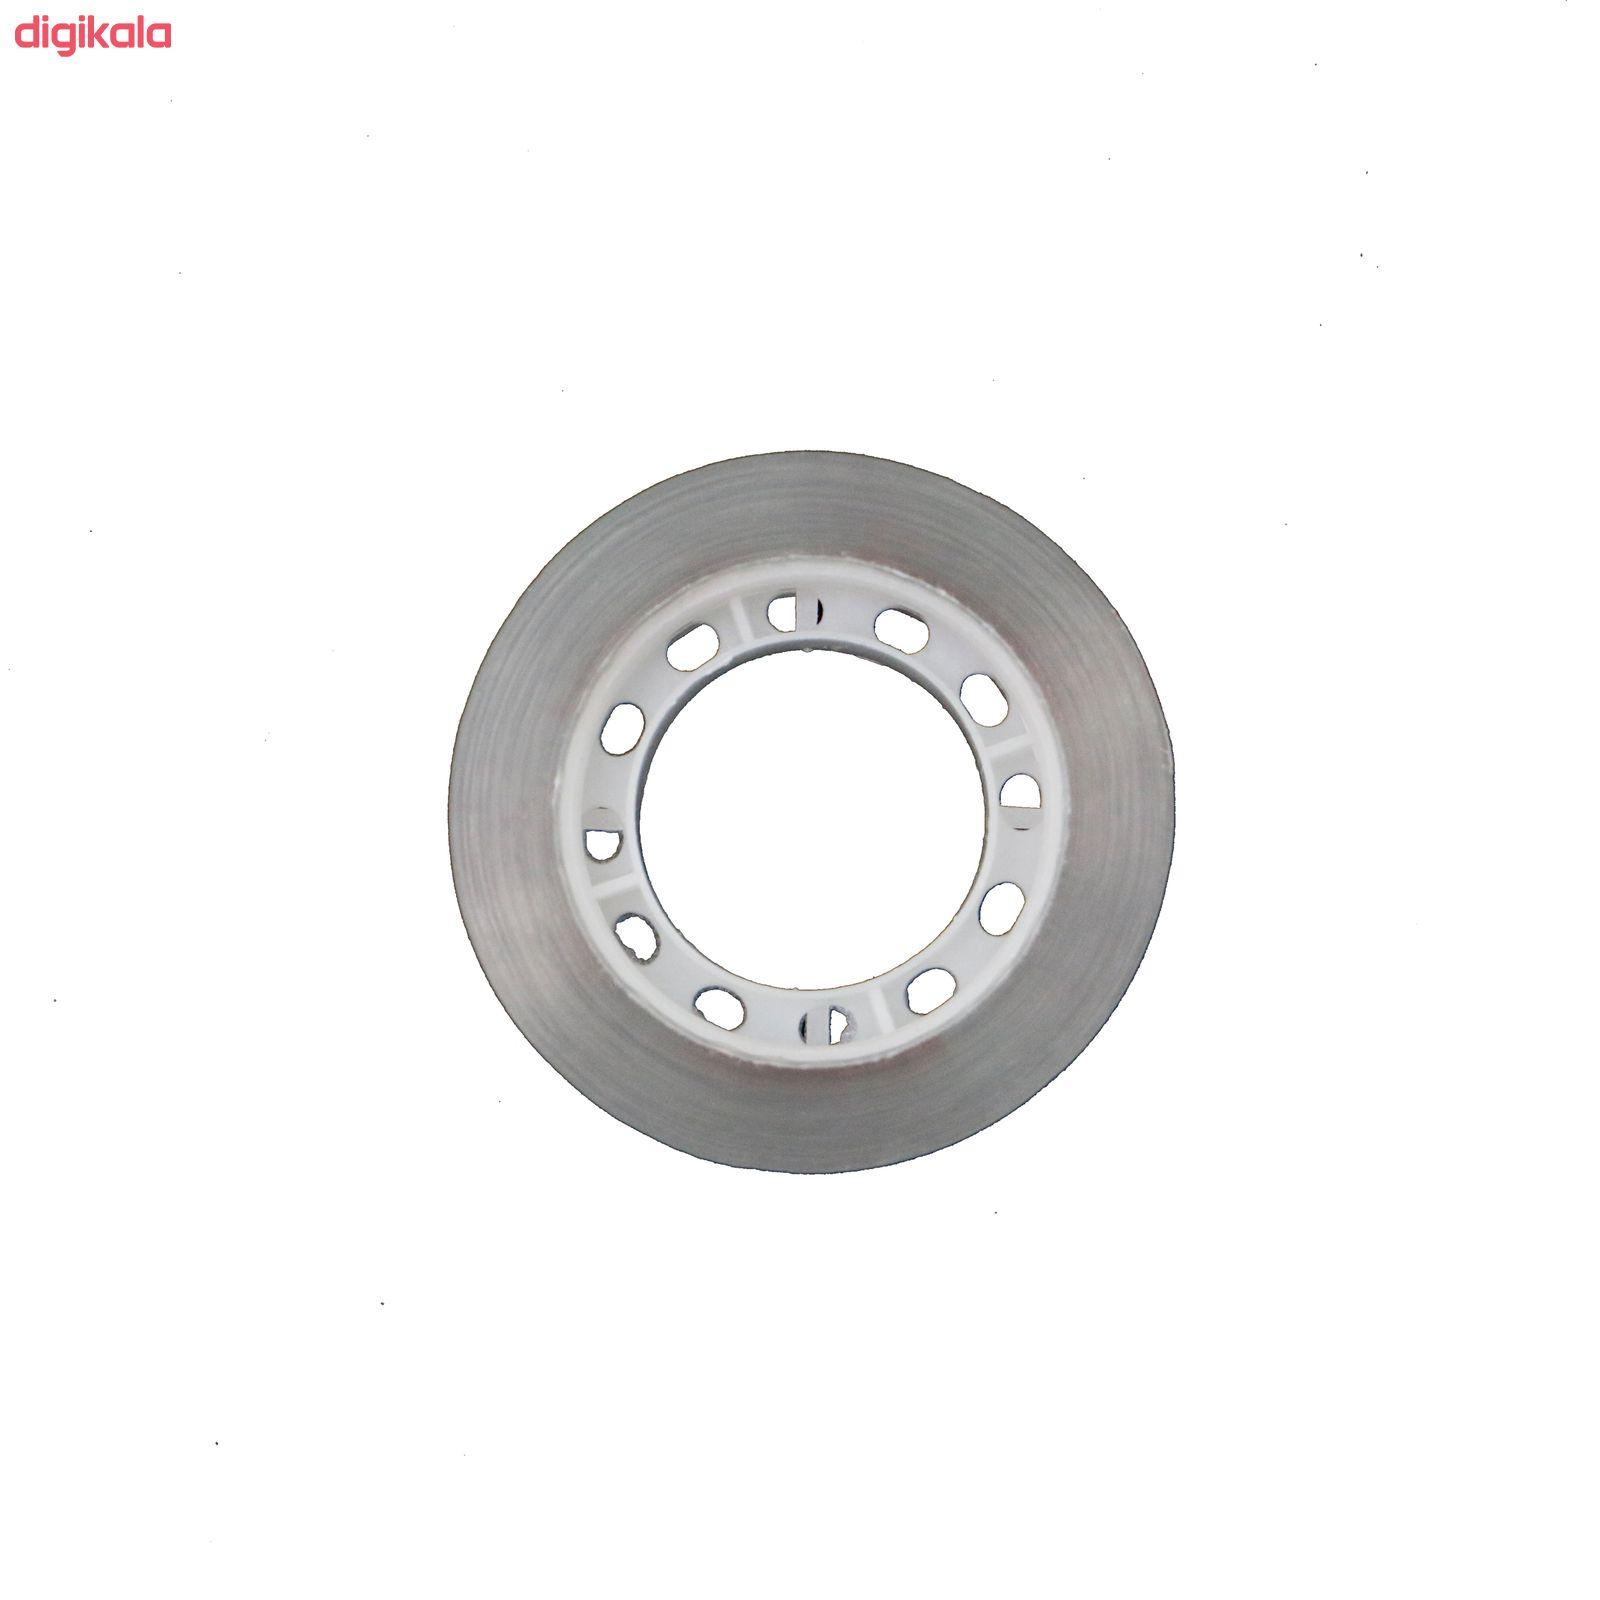 چسب نواری پنیکس مدل CN1010 عرض 1.8 سانتی متر بسته 10 عددی main 1 3